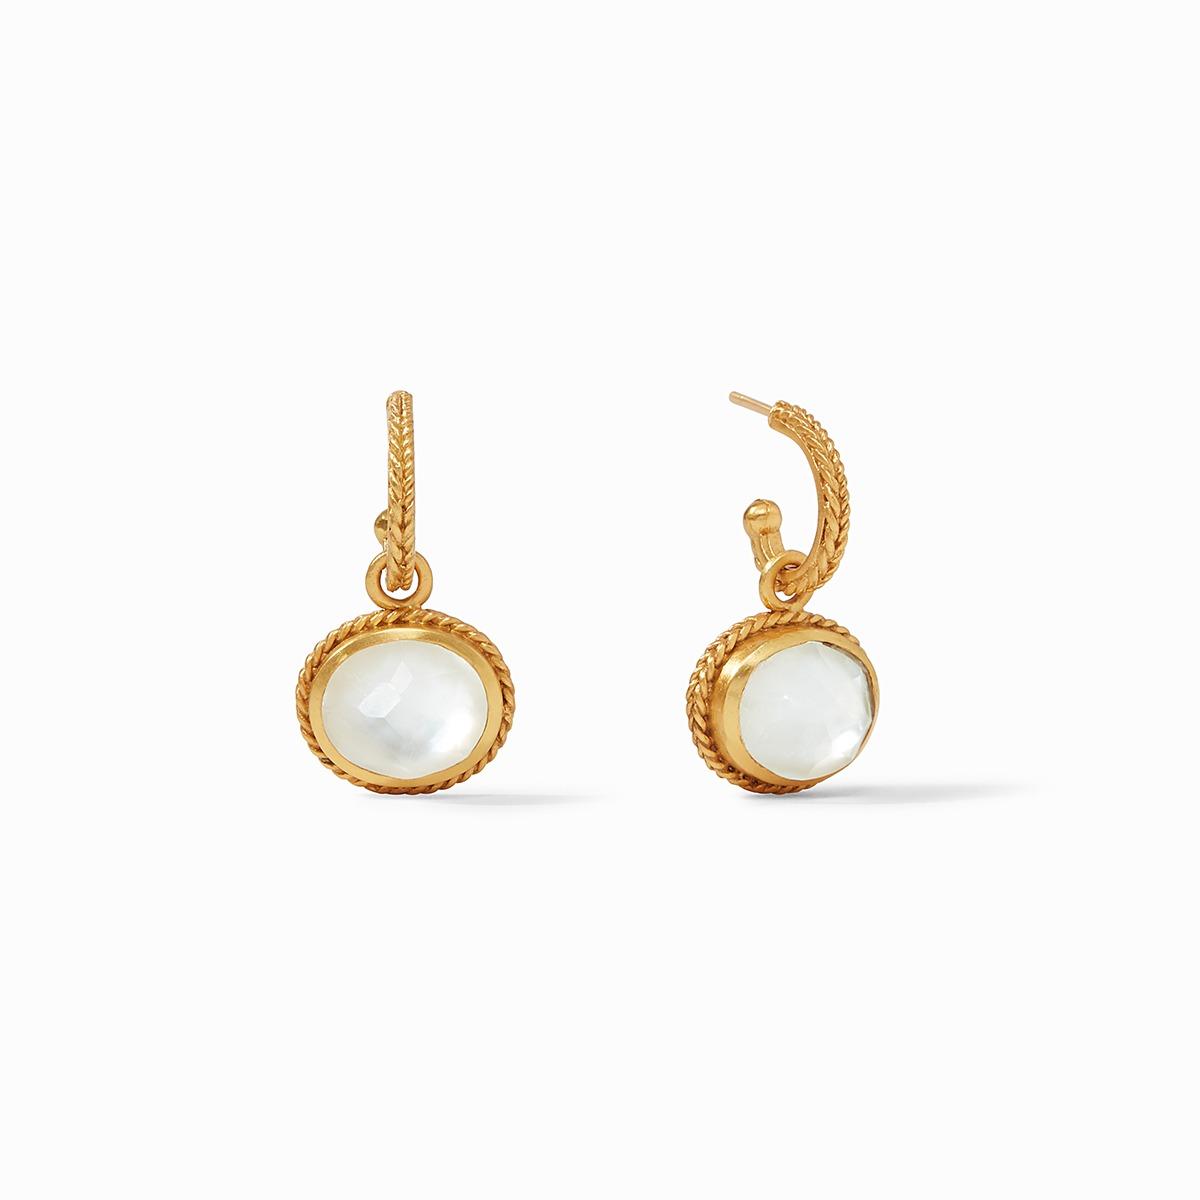 Calypso Hoop & Charm Earring